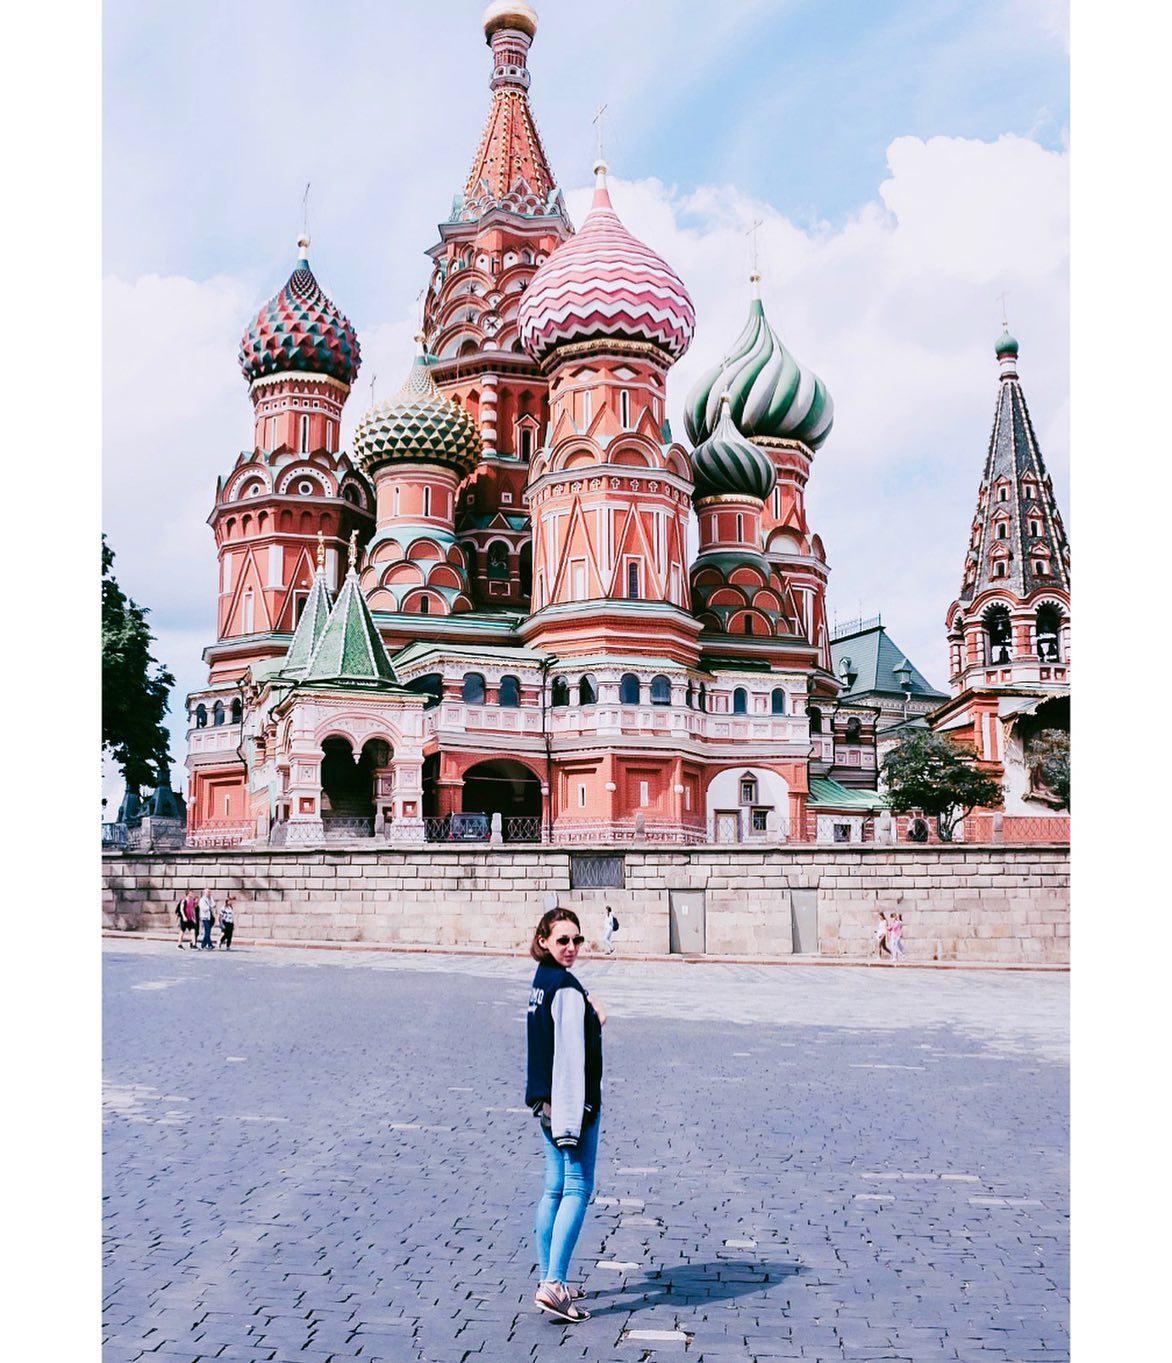 Eine der berühmtesten Kirchen der Welt: Kathedrale des seligen Basilius…